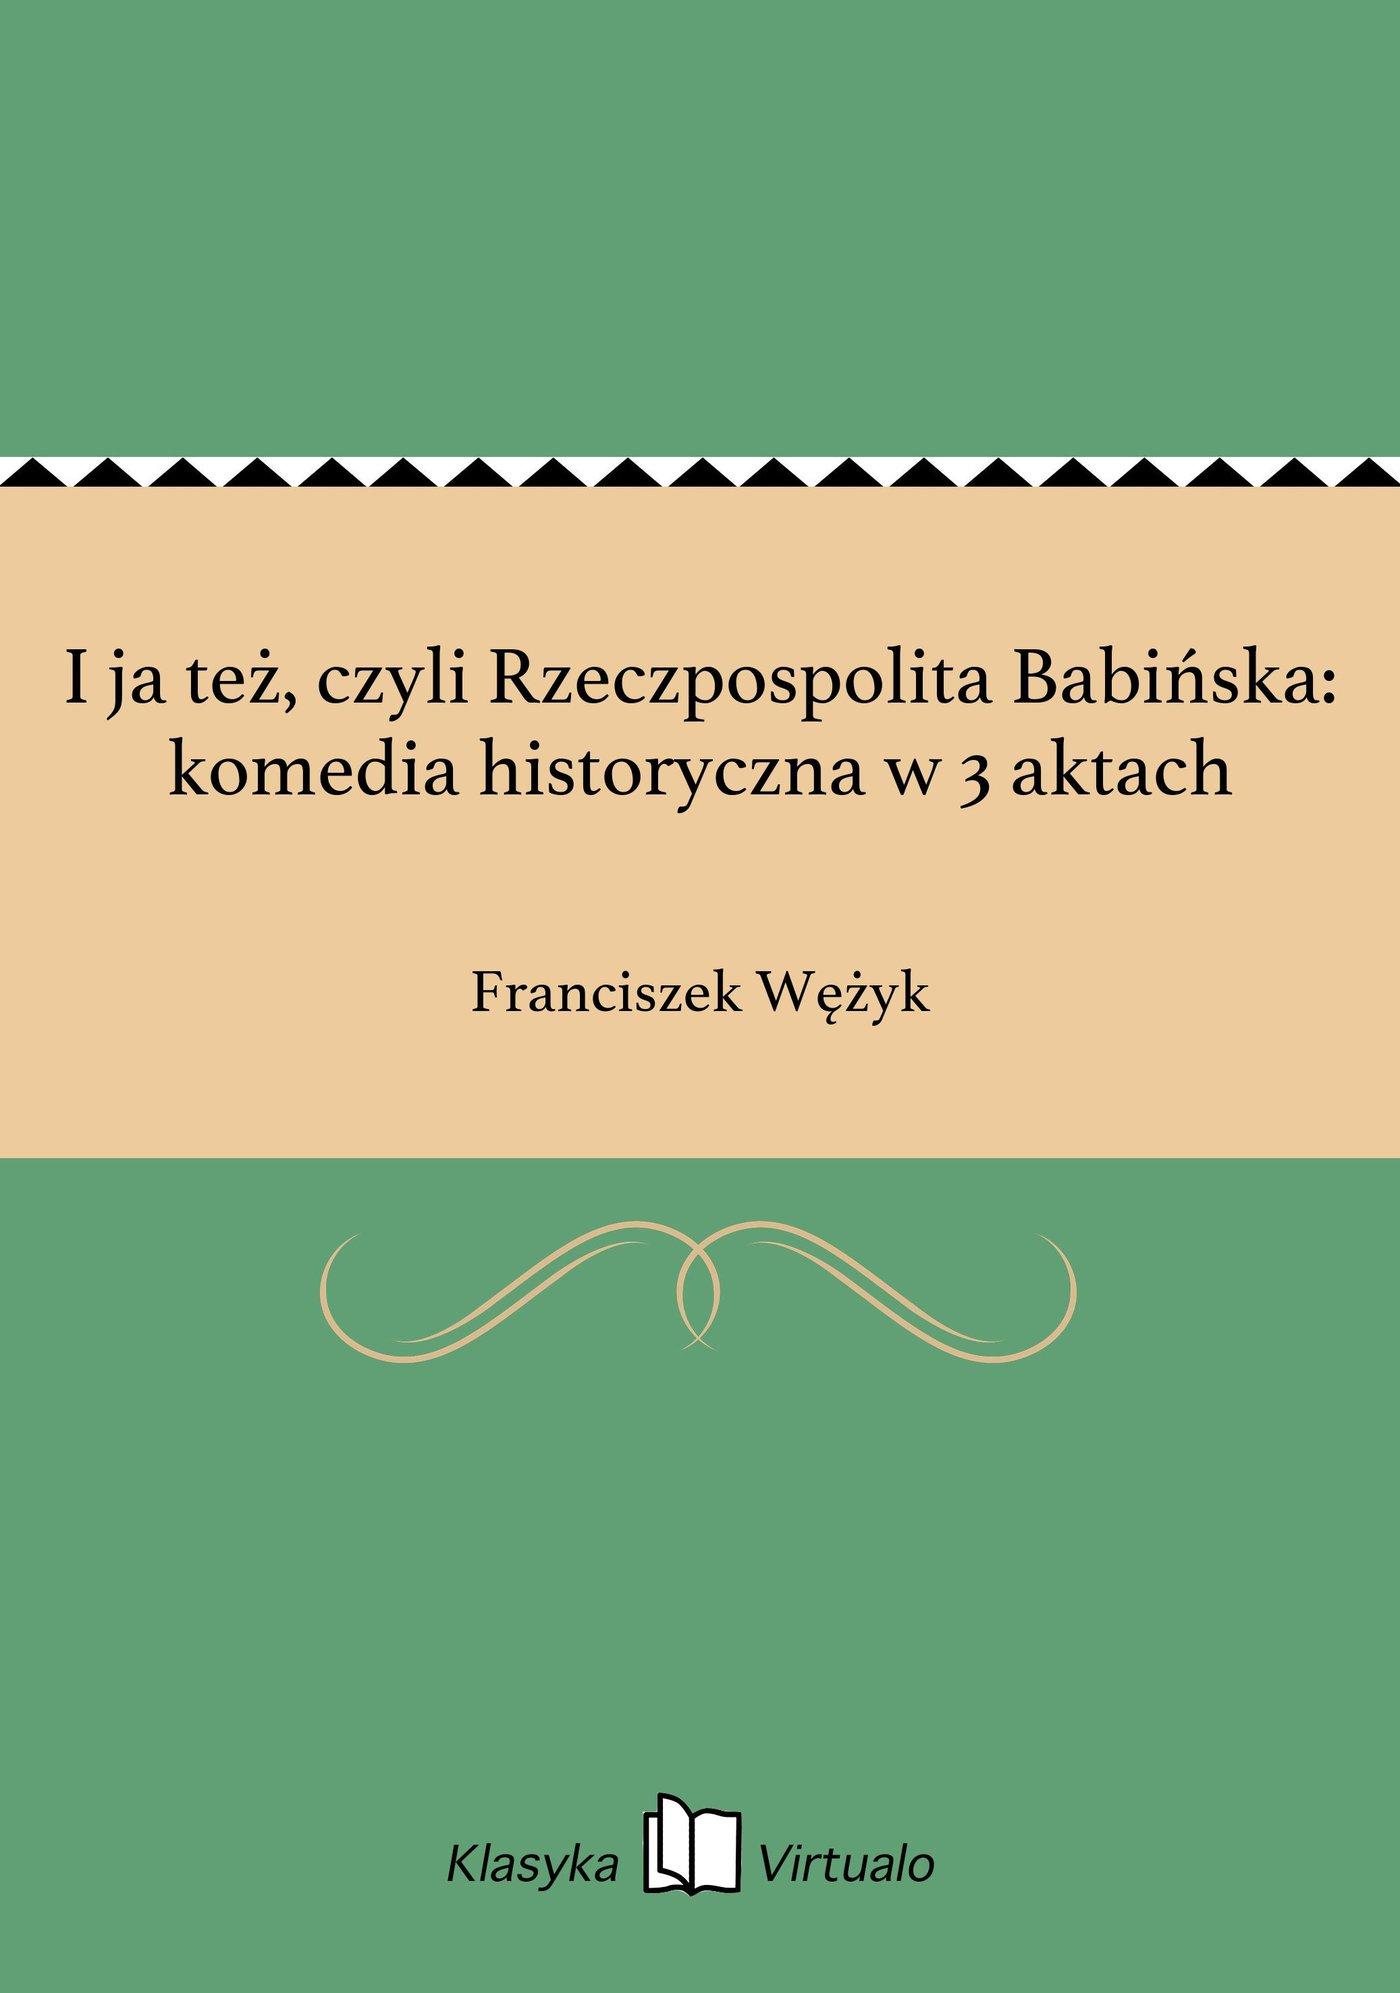 I ja też, czyli Rzeczpospolita Babińska: komedia historyczna w 3 aktach - Ebook (Książka na Kindle) do pobrania w formacie MOBI